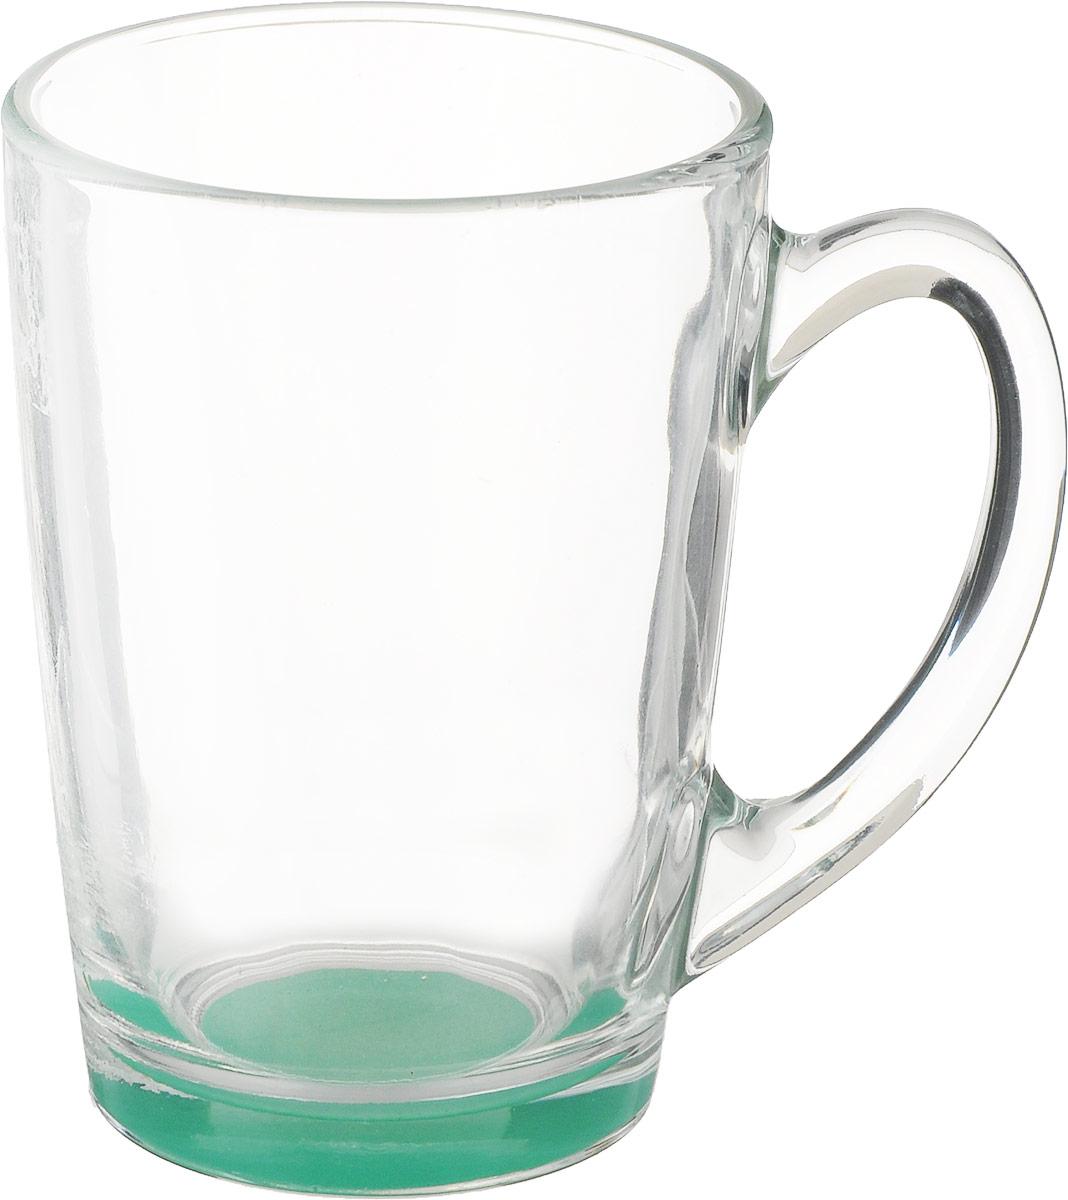 Кружка Luminarc Morning Rainbow, цвет: мятный, прозрачный, 320 млJ5974_мятныйКружка Luminarc Morning Rainbow изготовлена из упрочненного стекла. Такая кружка прекрасно подойдет для горячих и холодных напитков. Она дополнит коллекцию вашей кухонной посуды и будет служить долгие годы. Диаметр кружки (по верхнему краю): 8 см. Высота стенки кружки: 11 см.